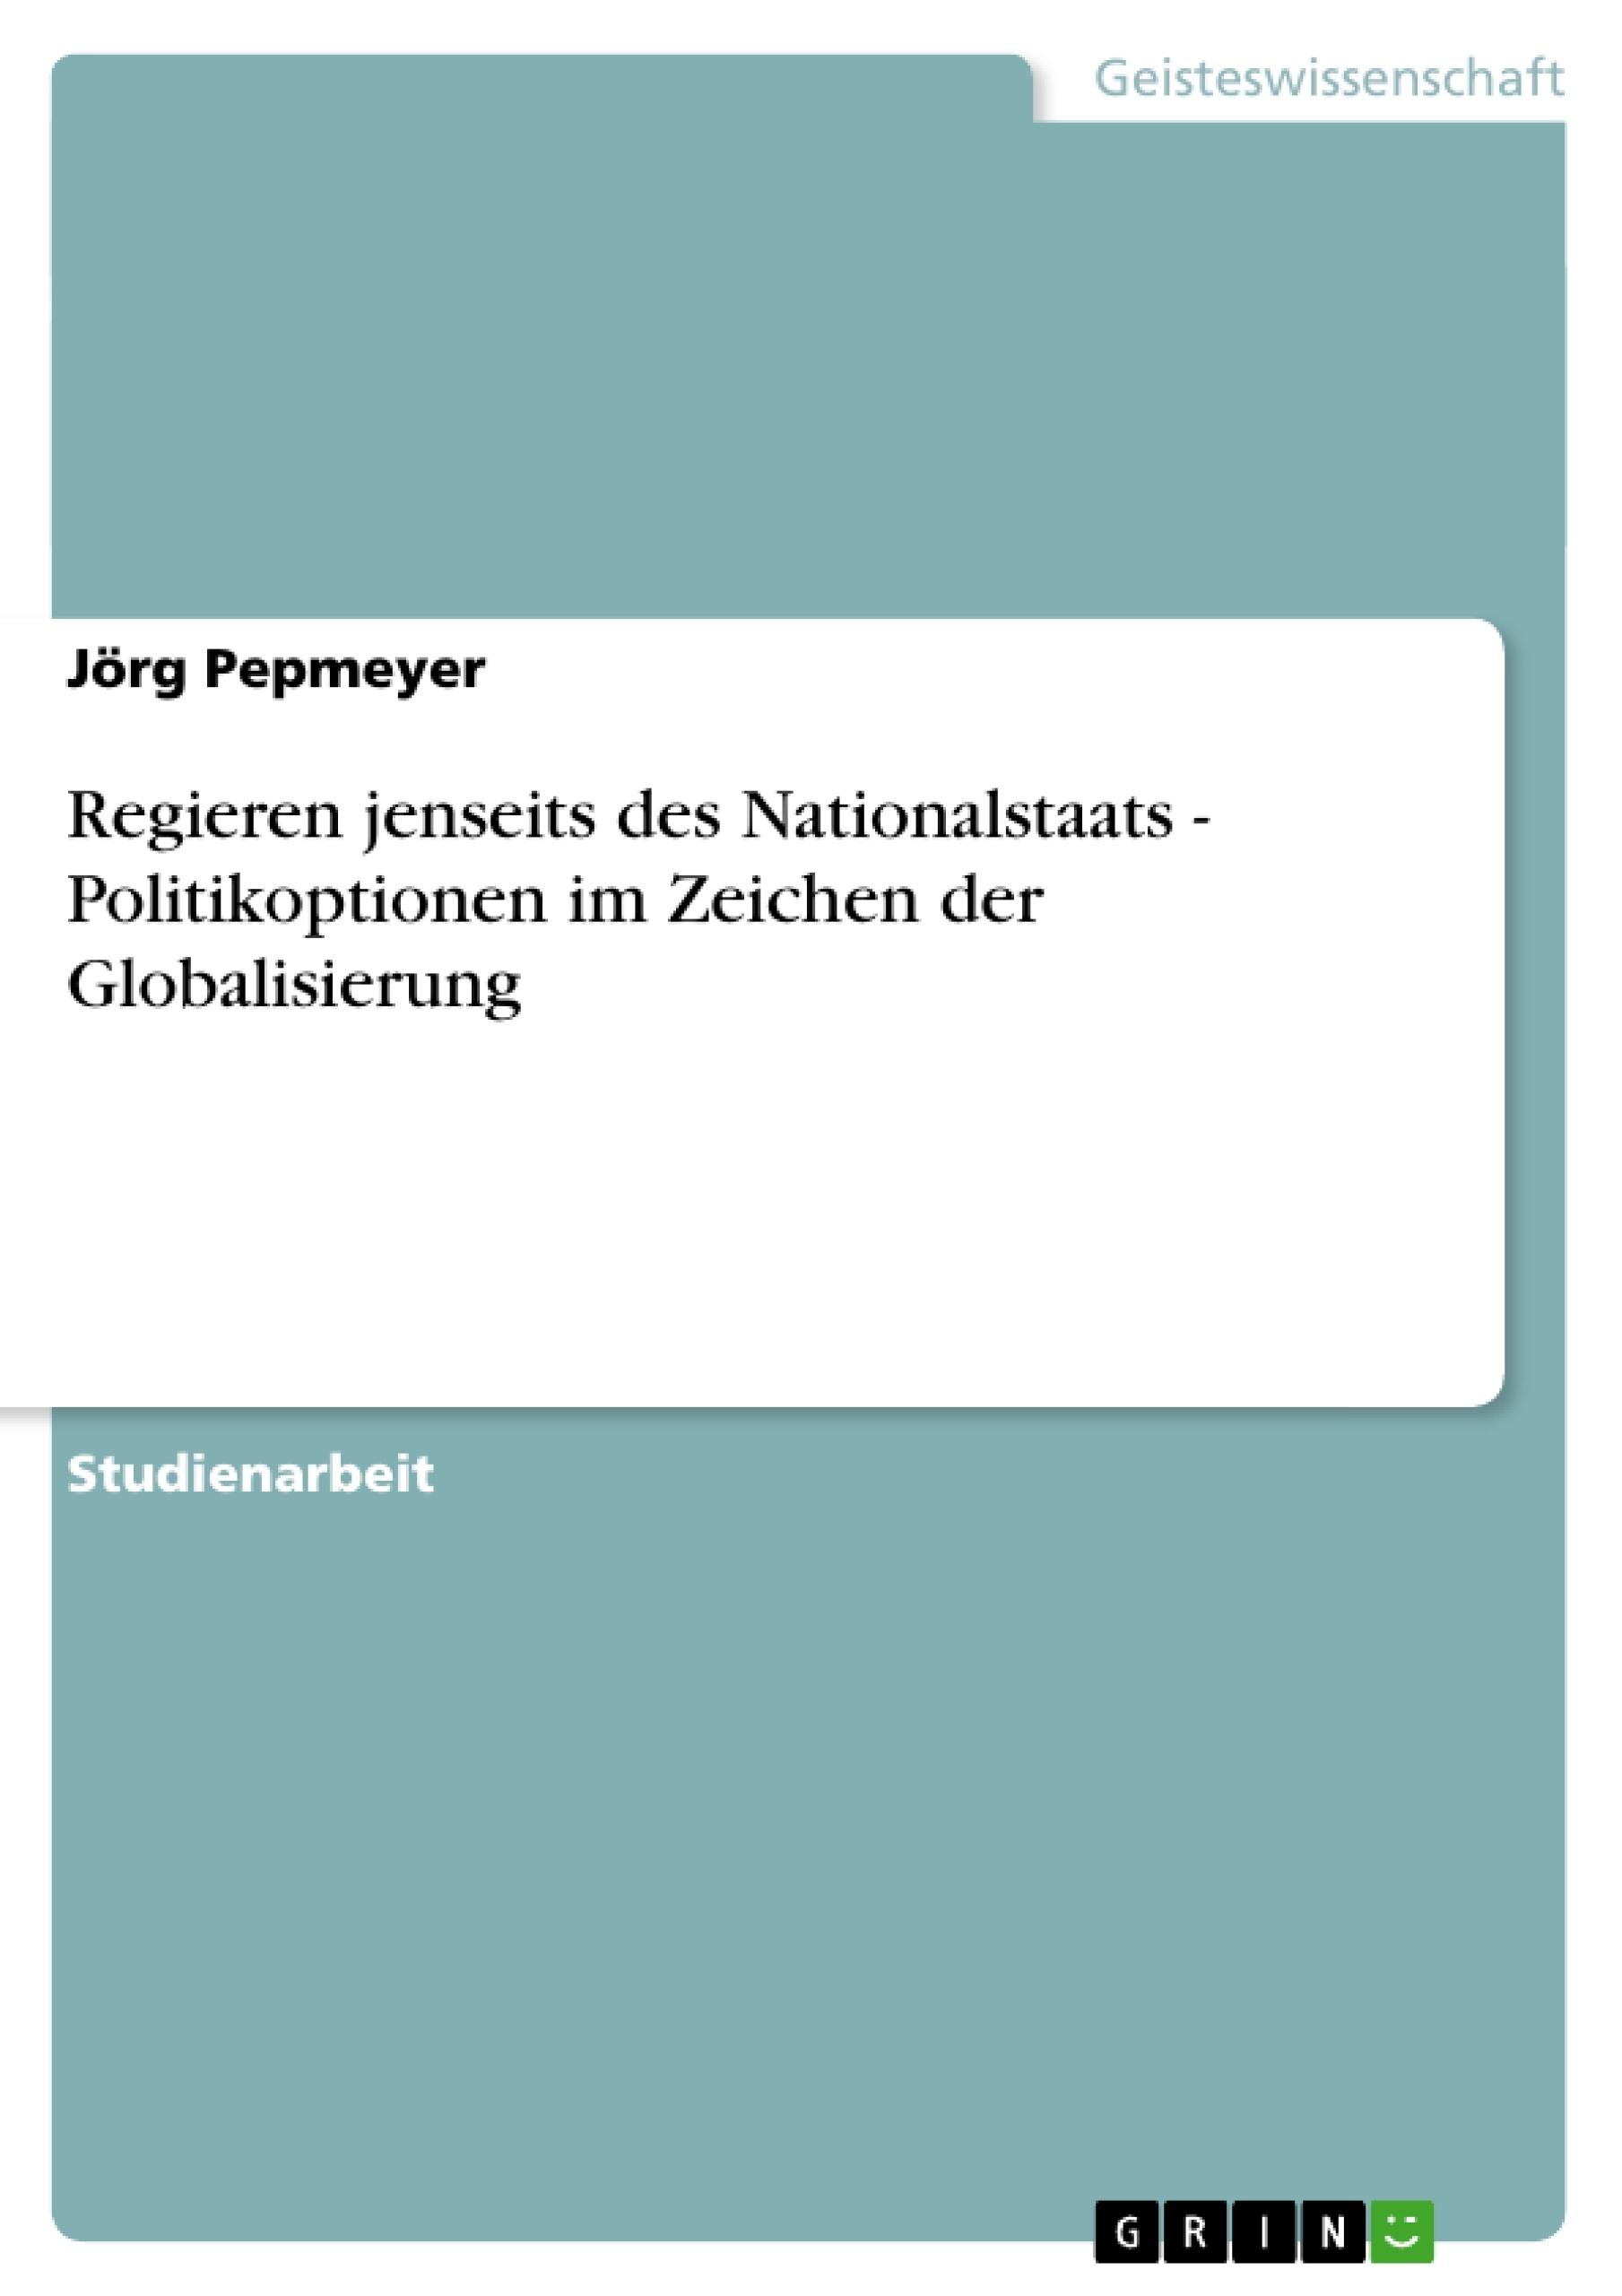 Titel: Regieren jenseits des Nationalstaats - Politikoptionen im Zeichen der Globalisierung